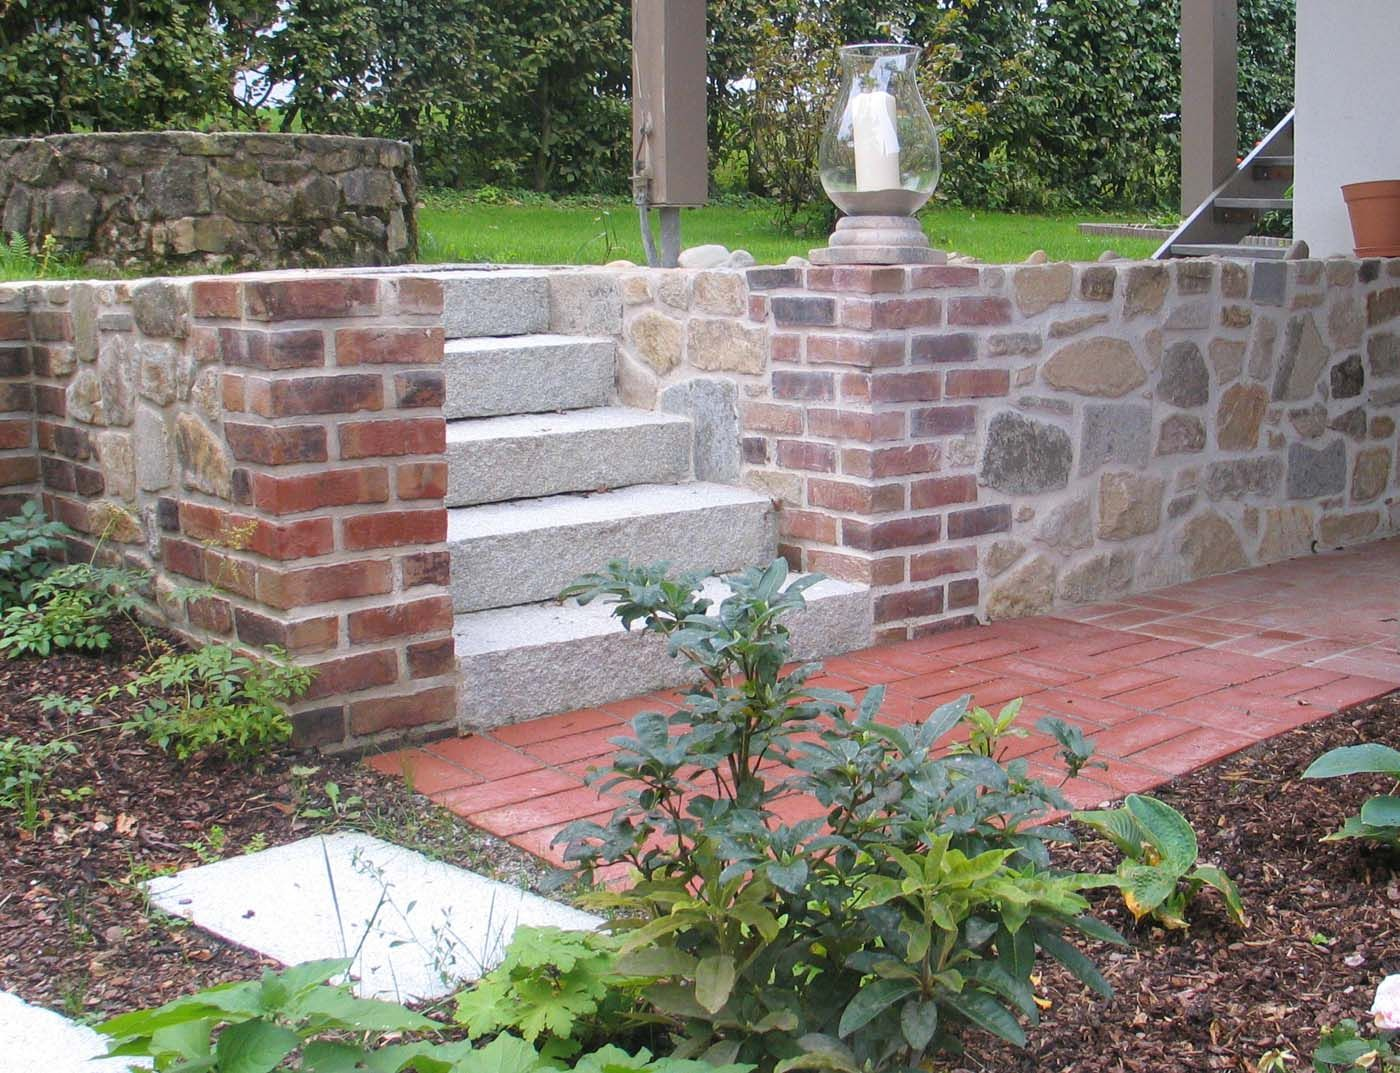 MauerTrockenmauerStein GartengestaltungGartenbau